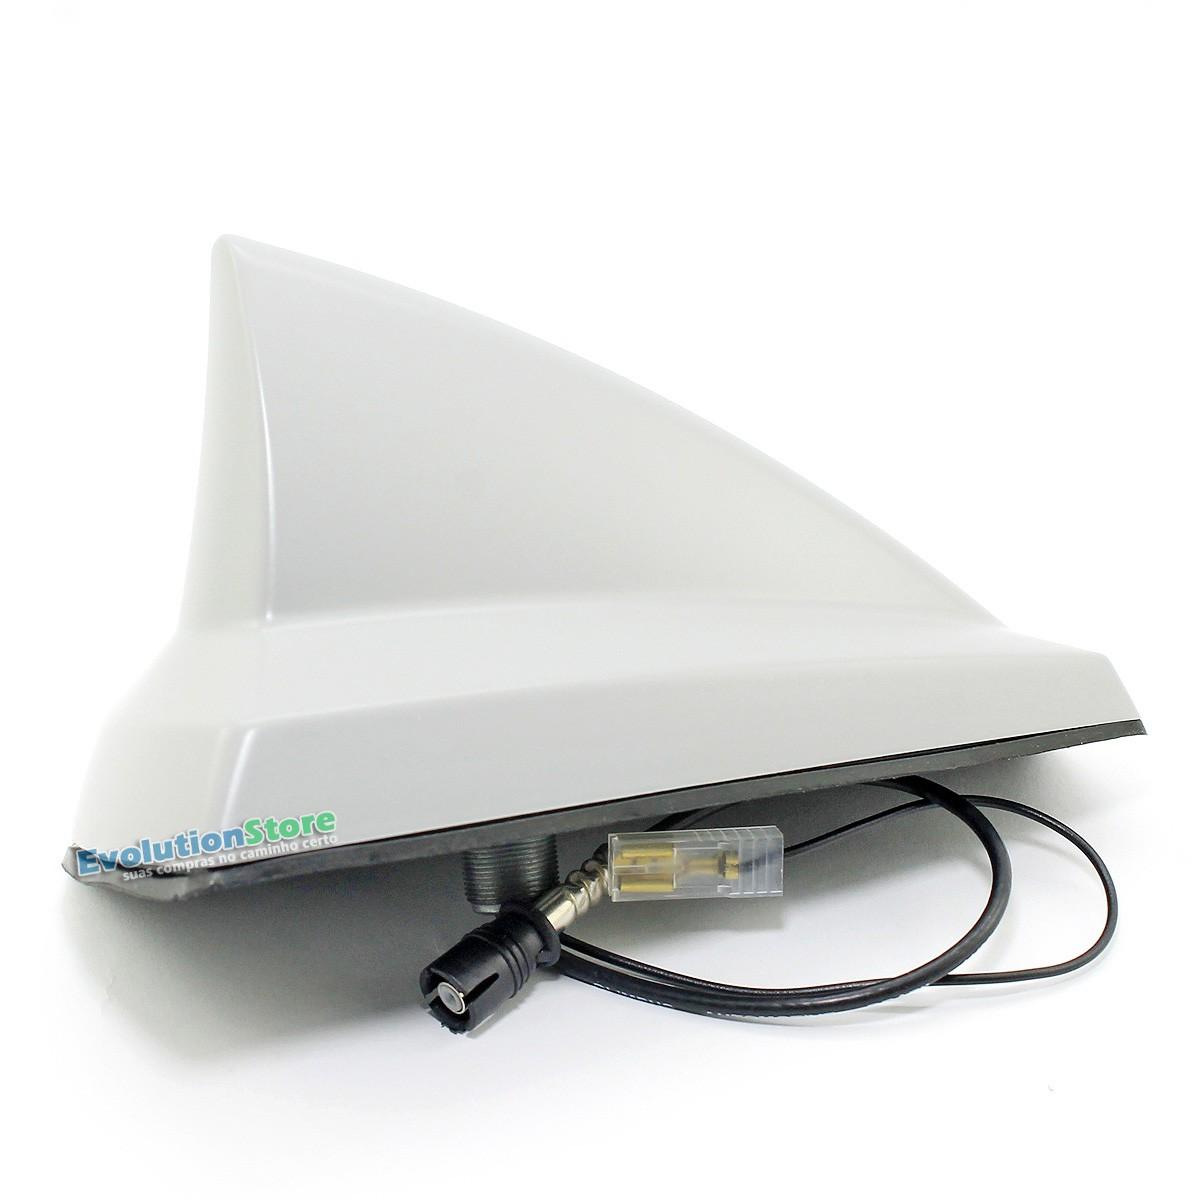 Antena New Shark Olimpus PRIMER (Para Pintar) (11.03.0346) Automotiva Teto Carro  - EvolutionStore - Peças e Acessórios Automotivos